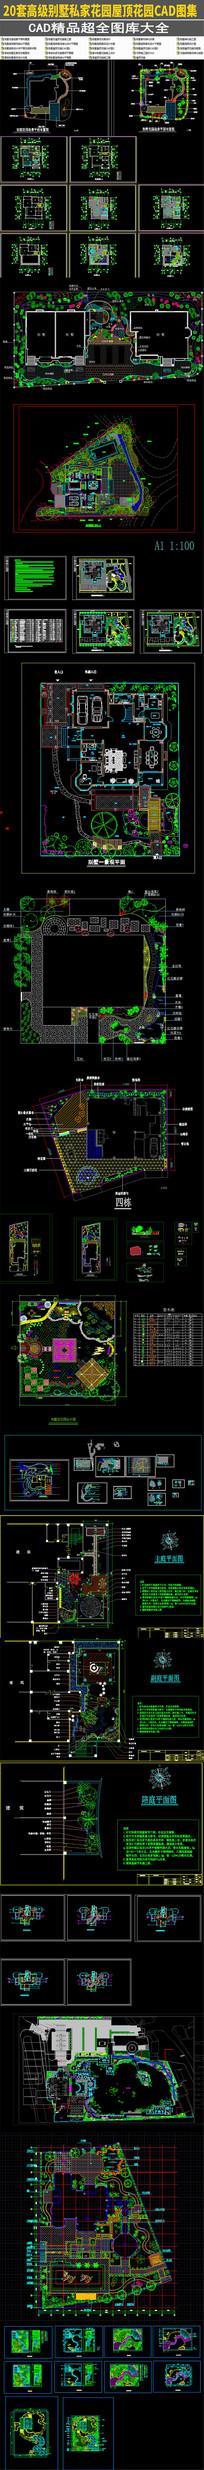 20套高级别墅私家花园屋顶花园CAD图集